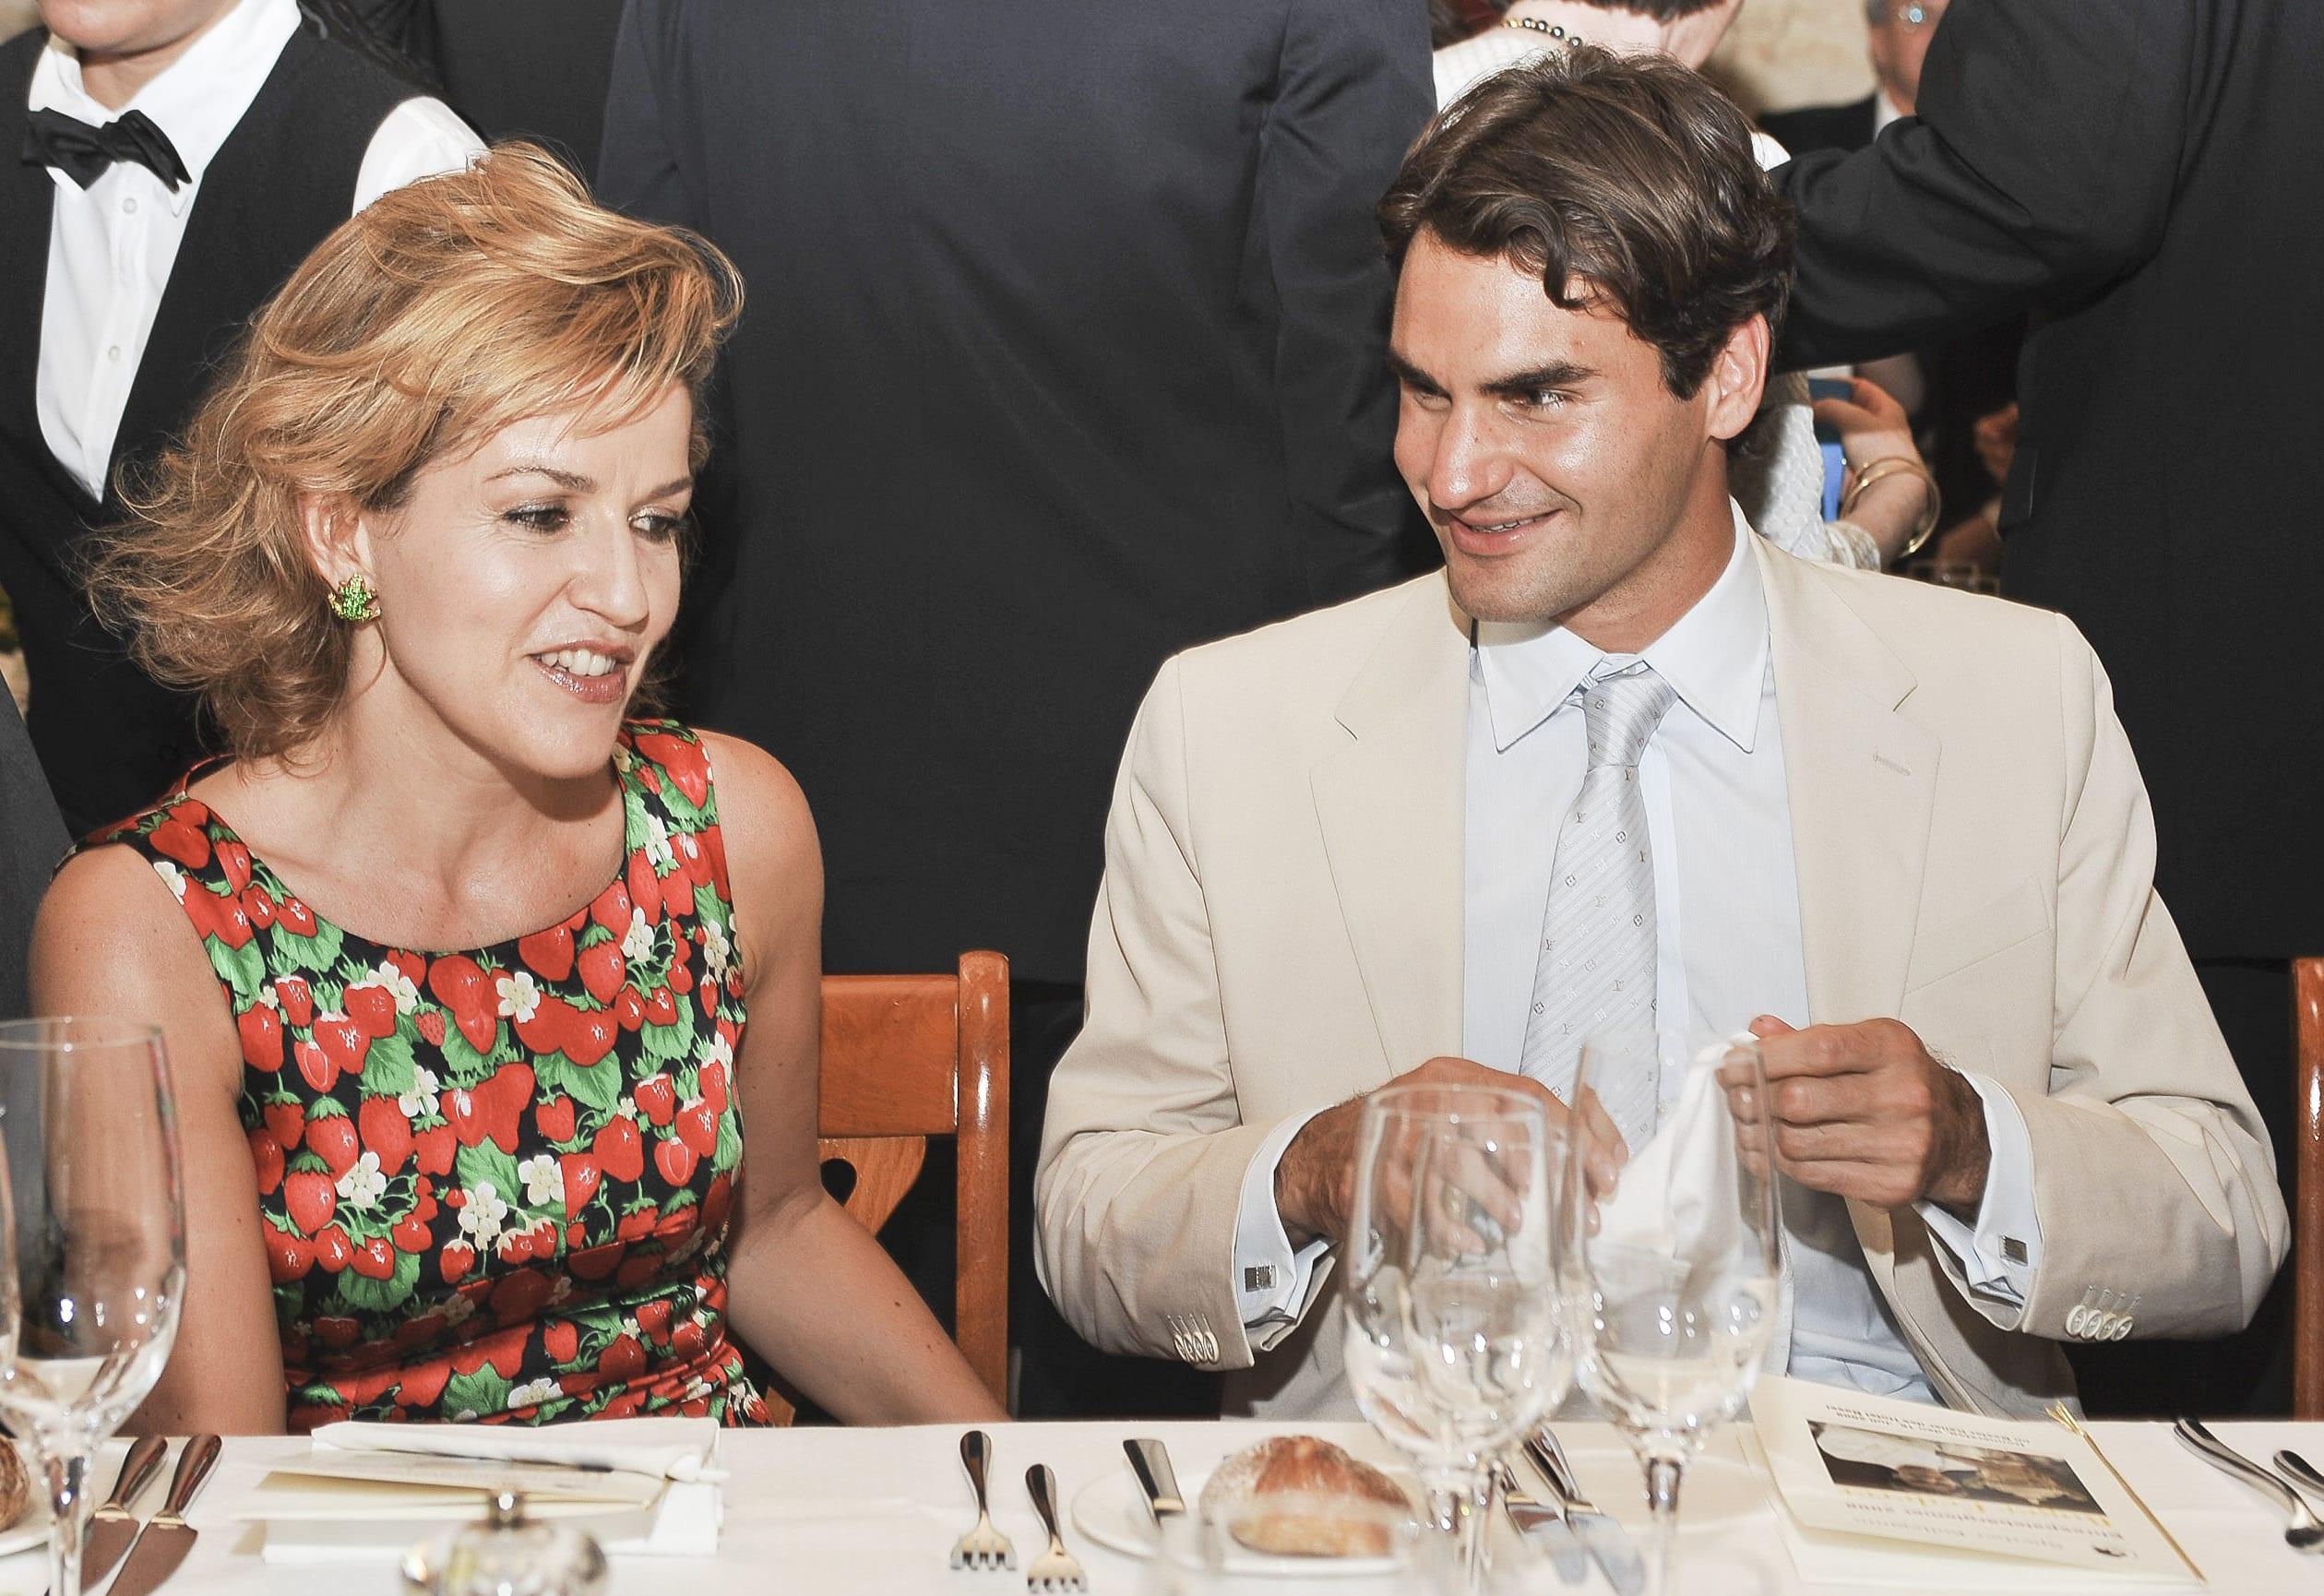 Anne Sophie Mutter mit Roger Federer  Empfang zu Ehren von Roger-Federer und Enth¸llung seiner Ehrentafel von dem Hotel Bas